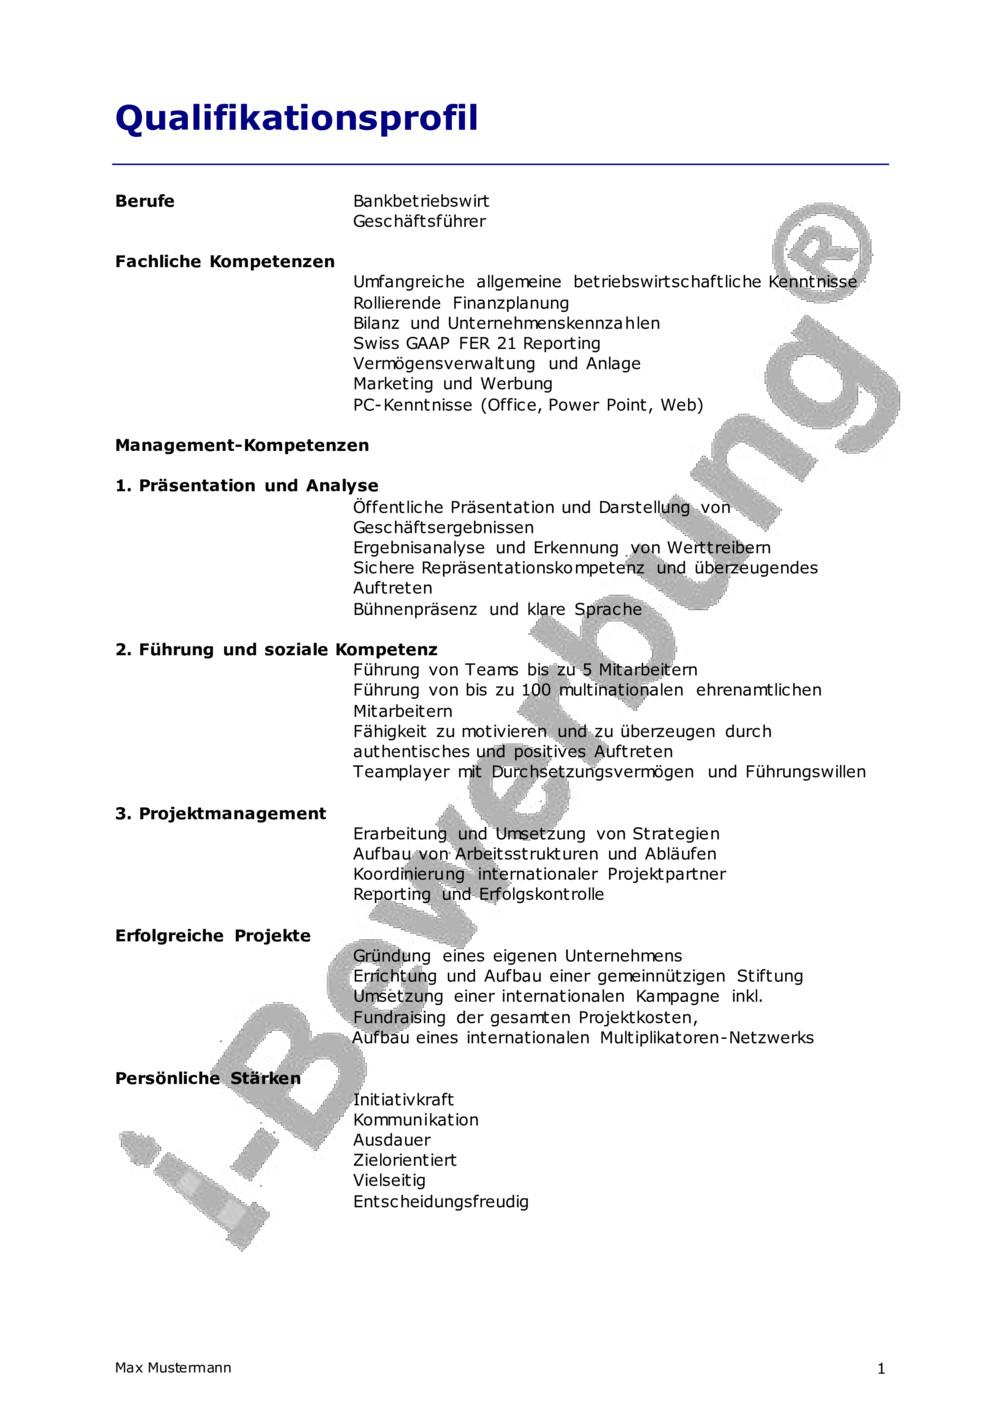 Das Kompetenzprofil Zur Bewerbung Personalmanagement 5